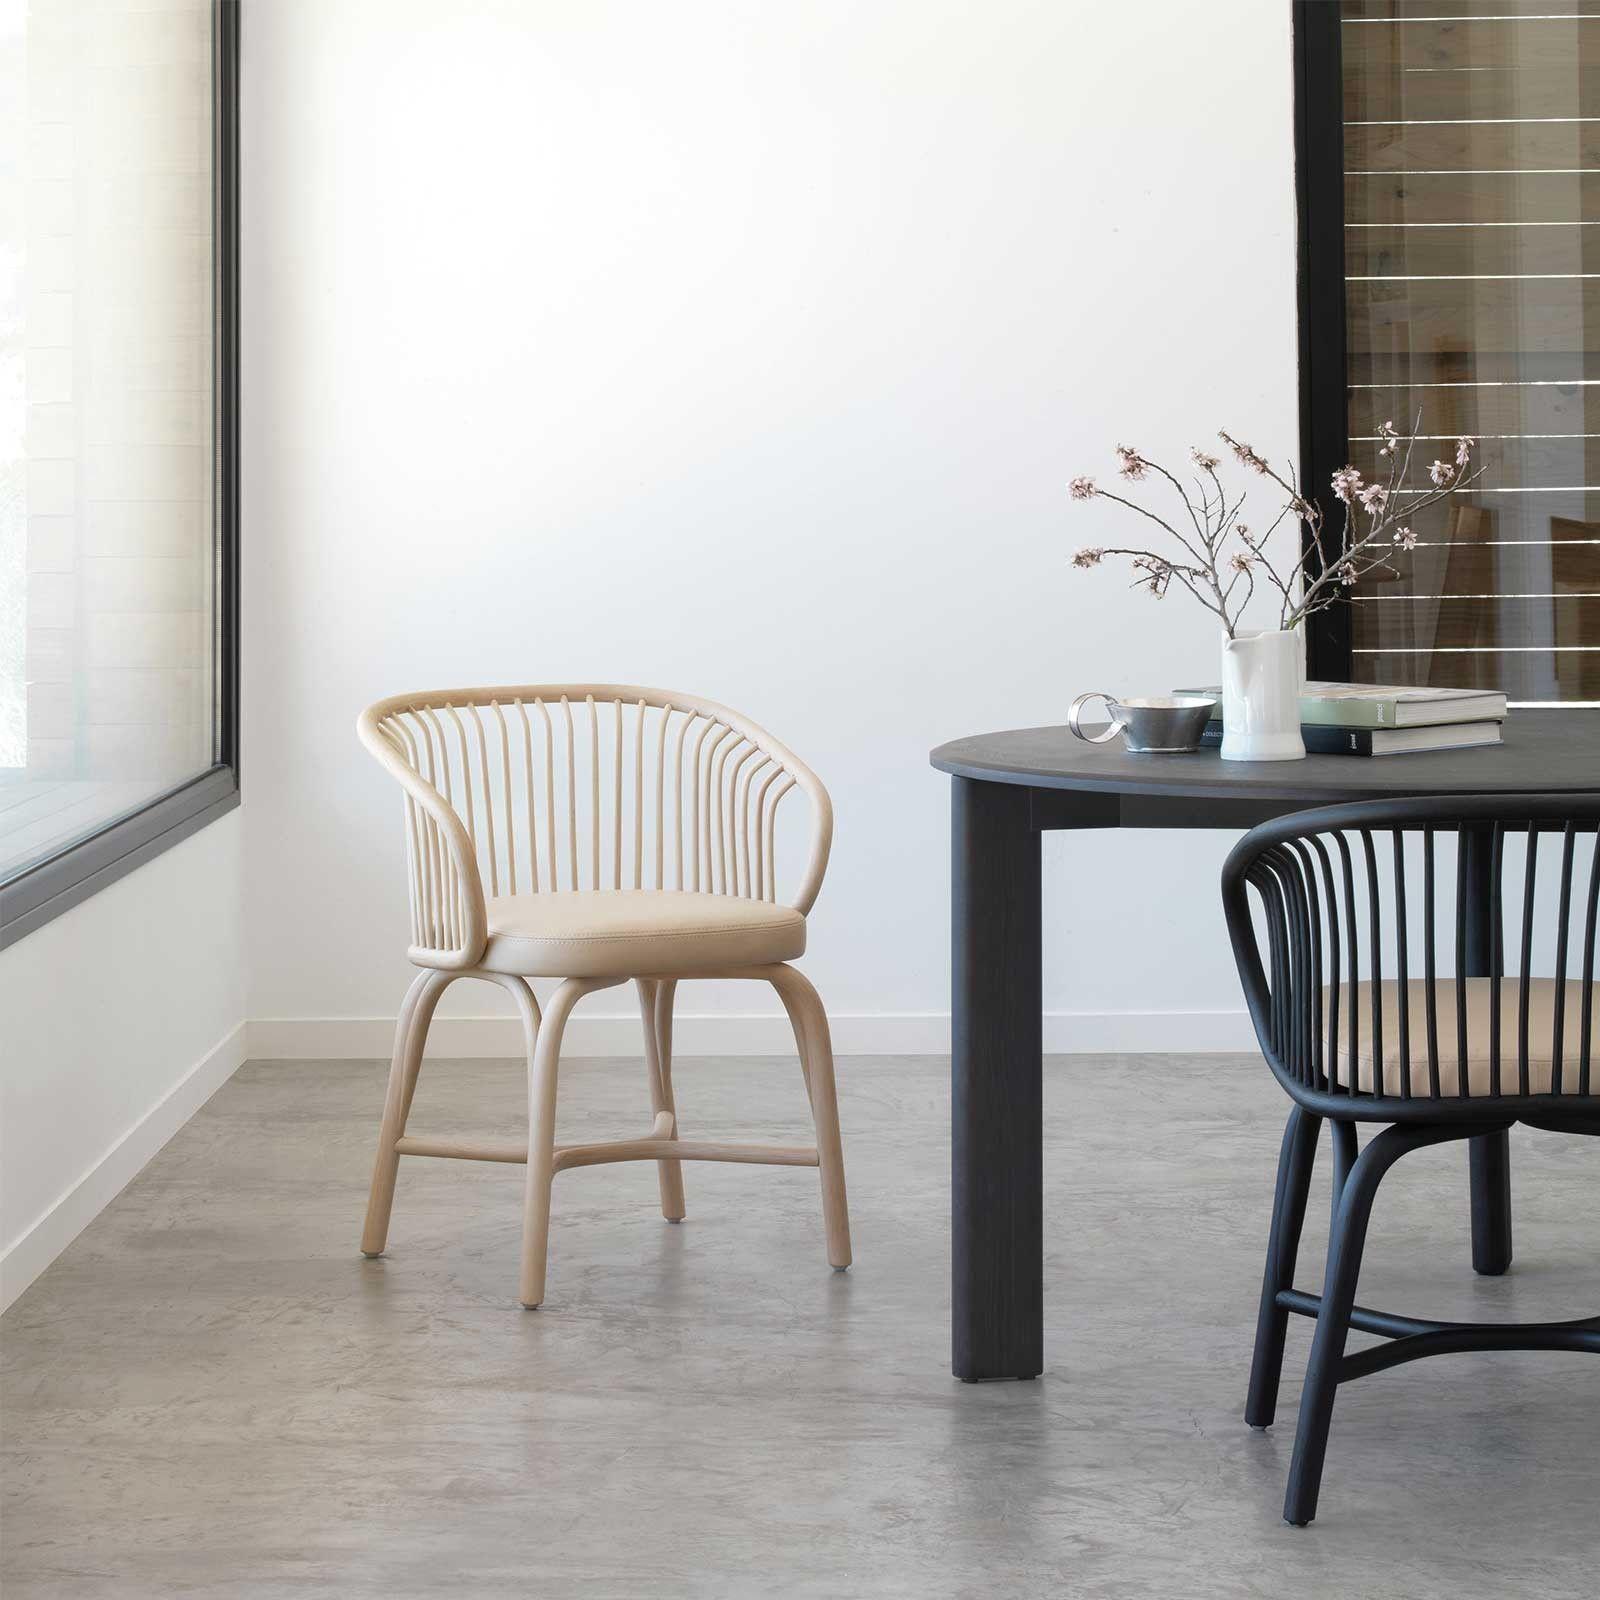 Huma armchair by Mario Ruiz for Expormim | interior design, designer ...